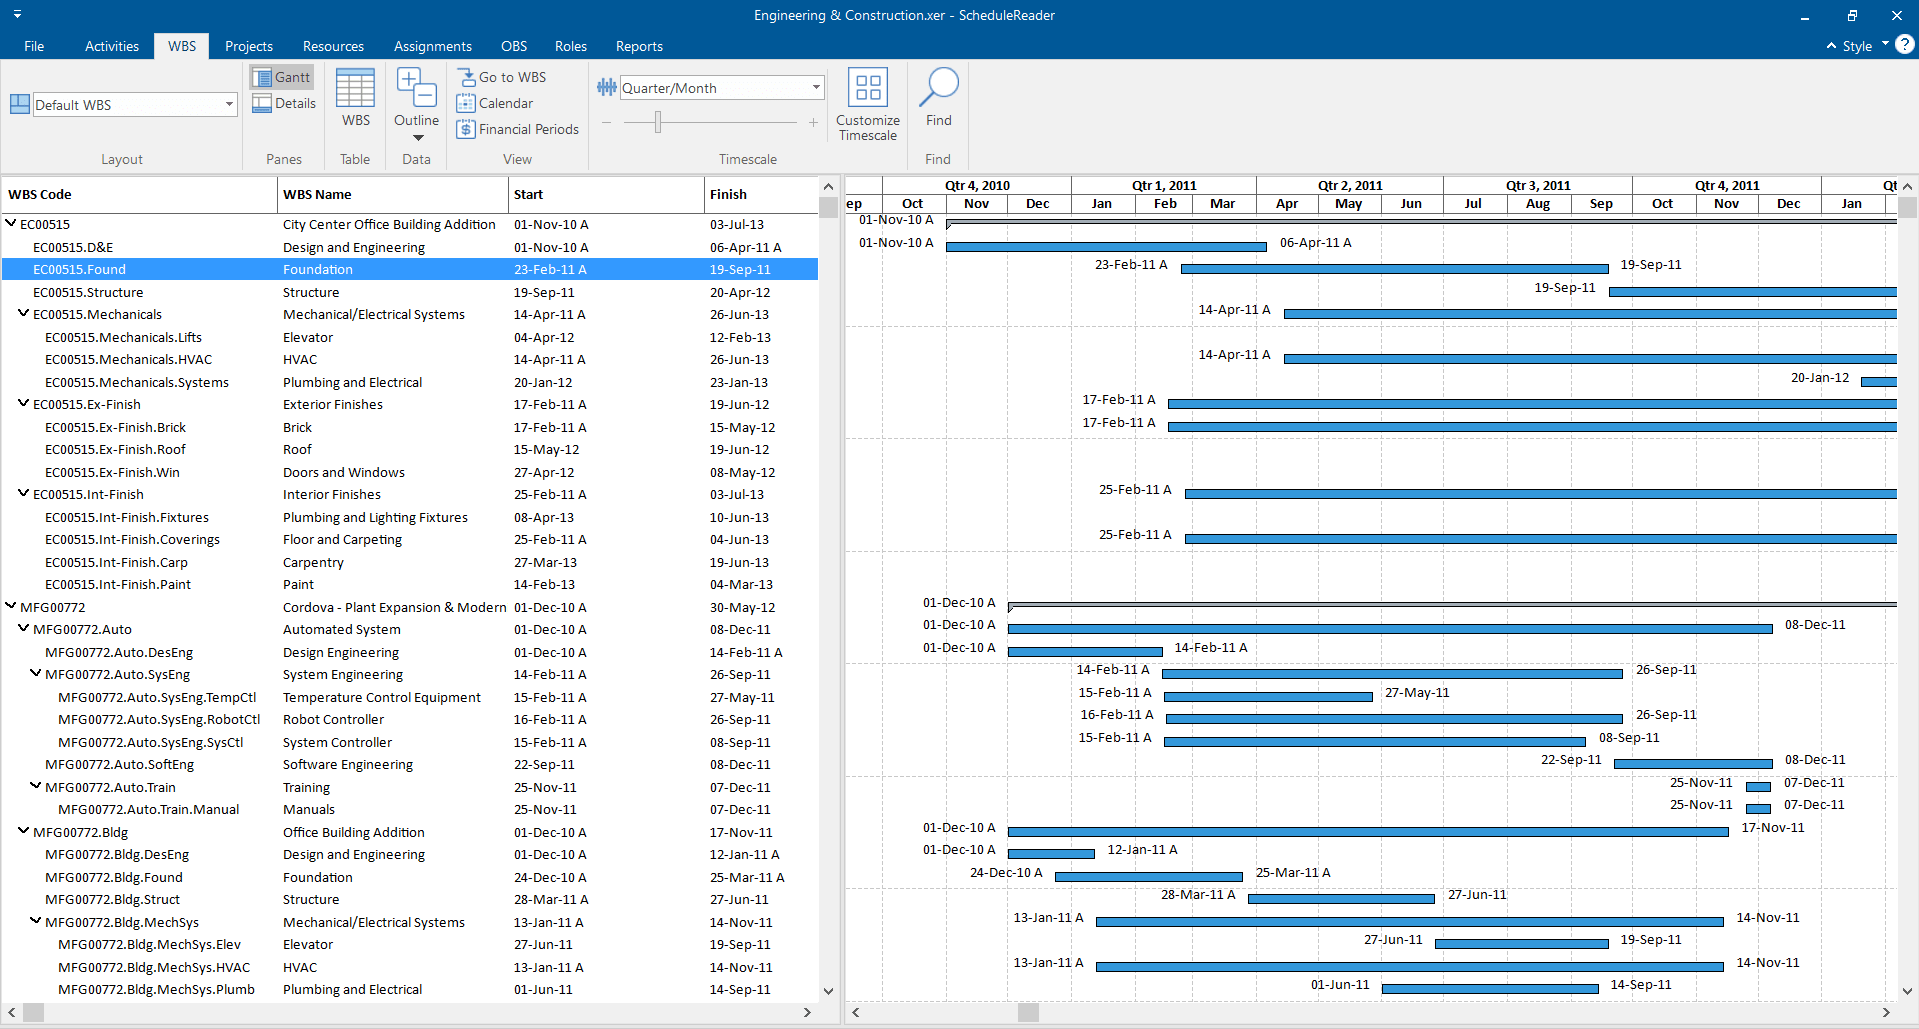 ScheduleReader Demo - WBS View